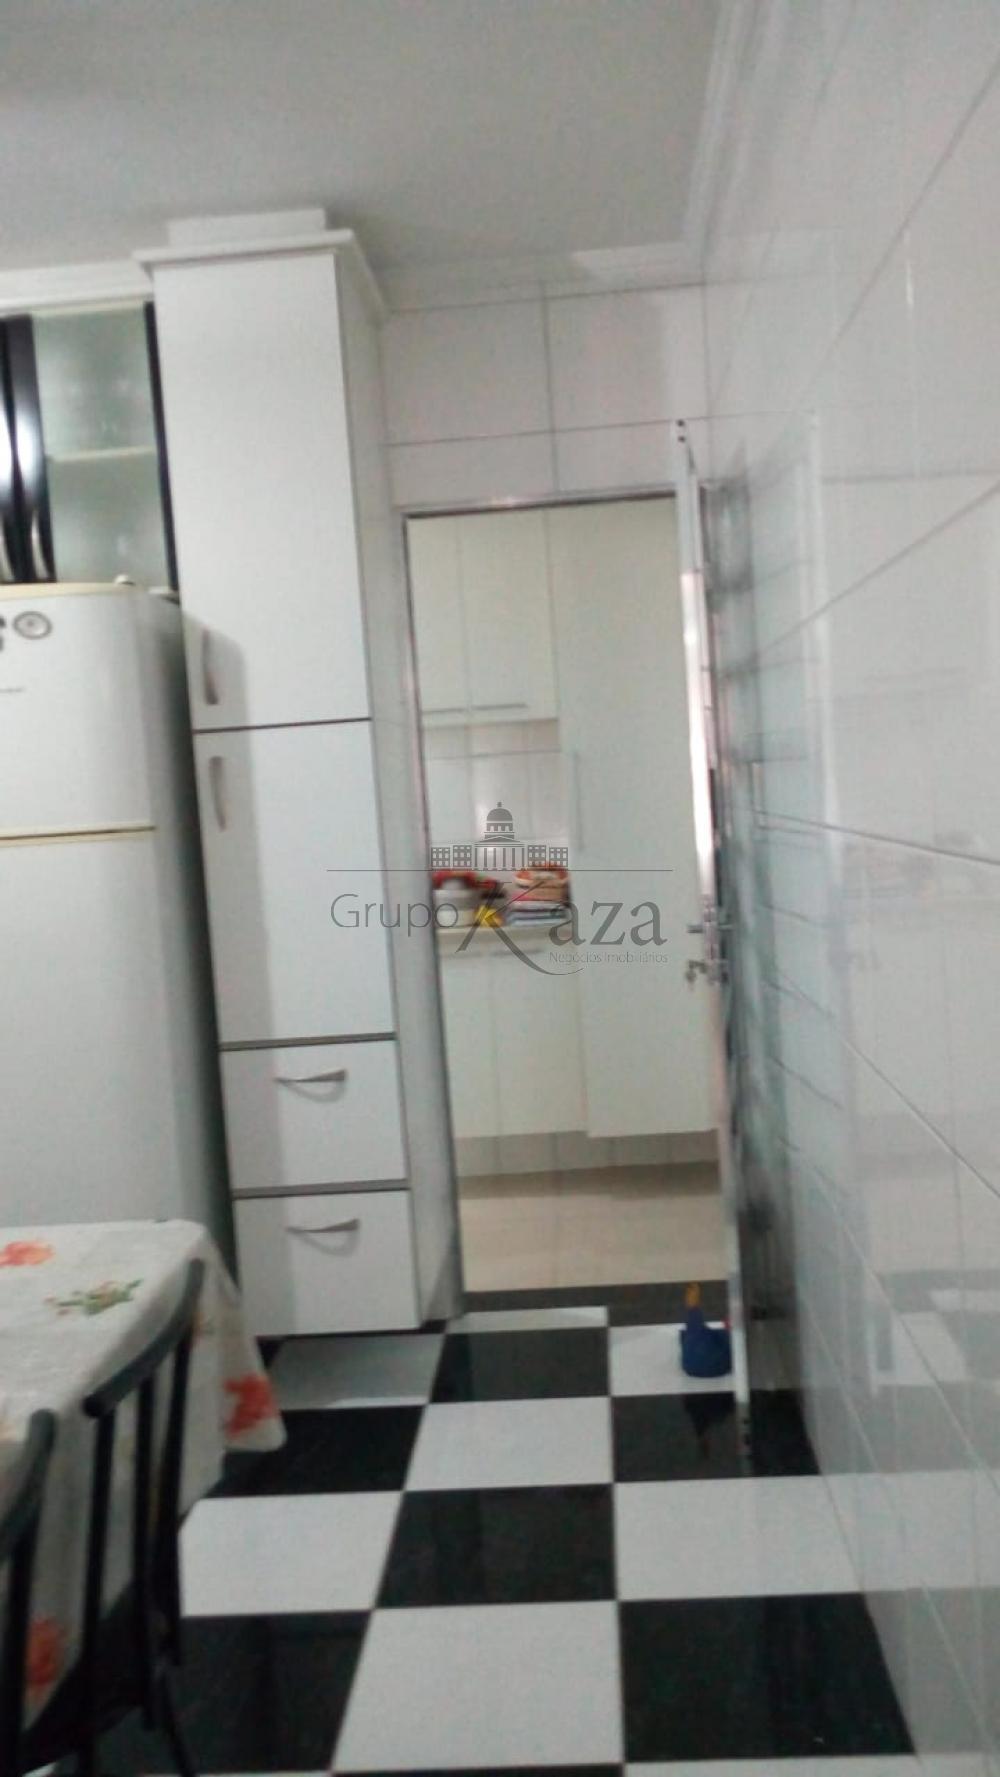 Comprar Casa / Padrão em Guarulhos apenas R$ 600.000,00 - Foto 7